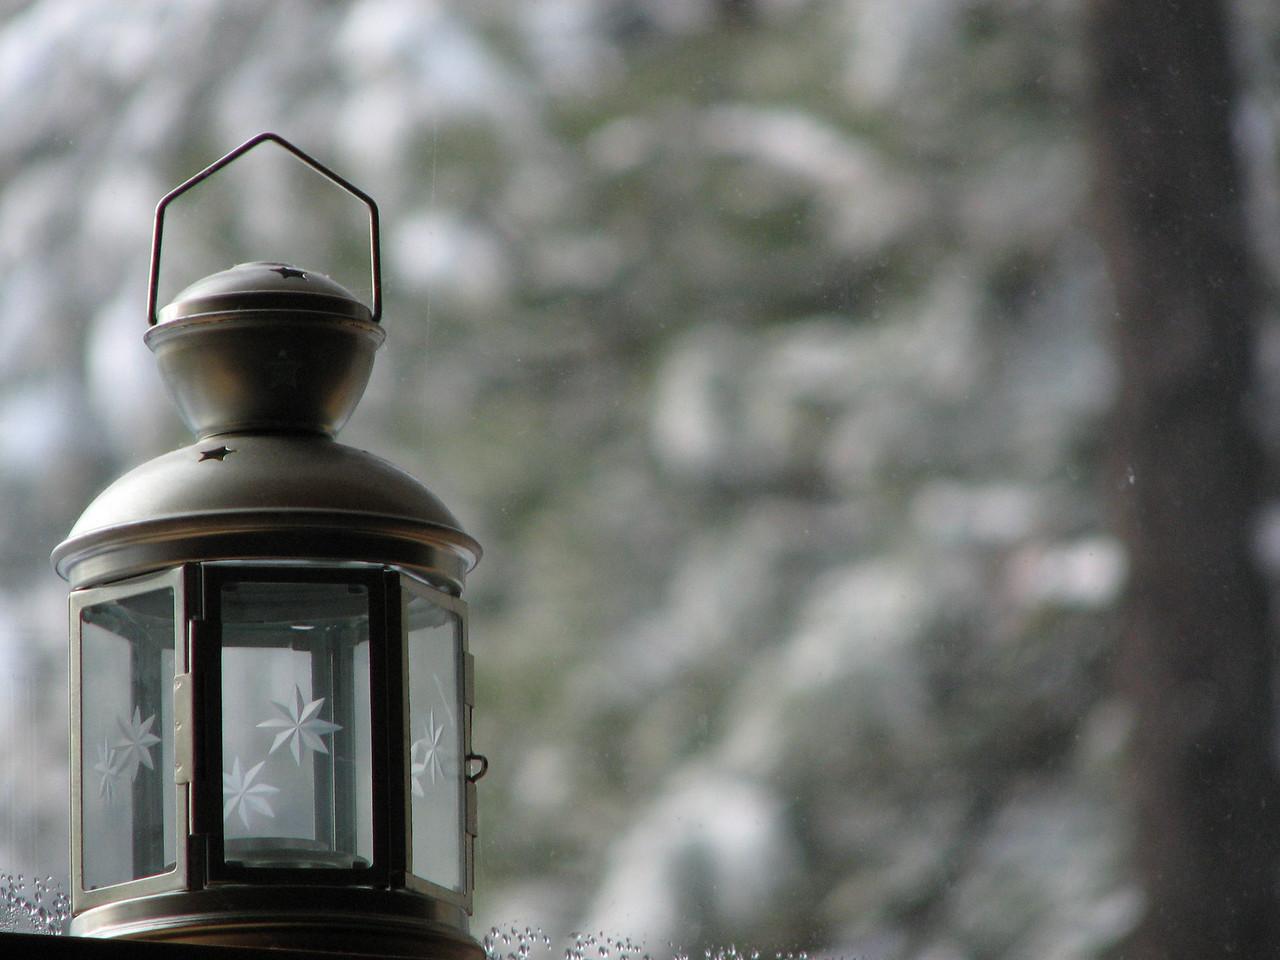 2006 12 23 Sat - Lamp 1 - fore focus